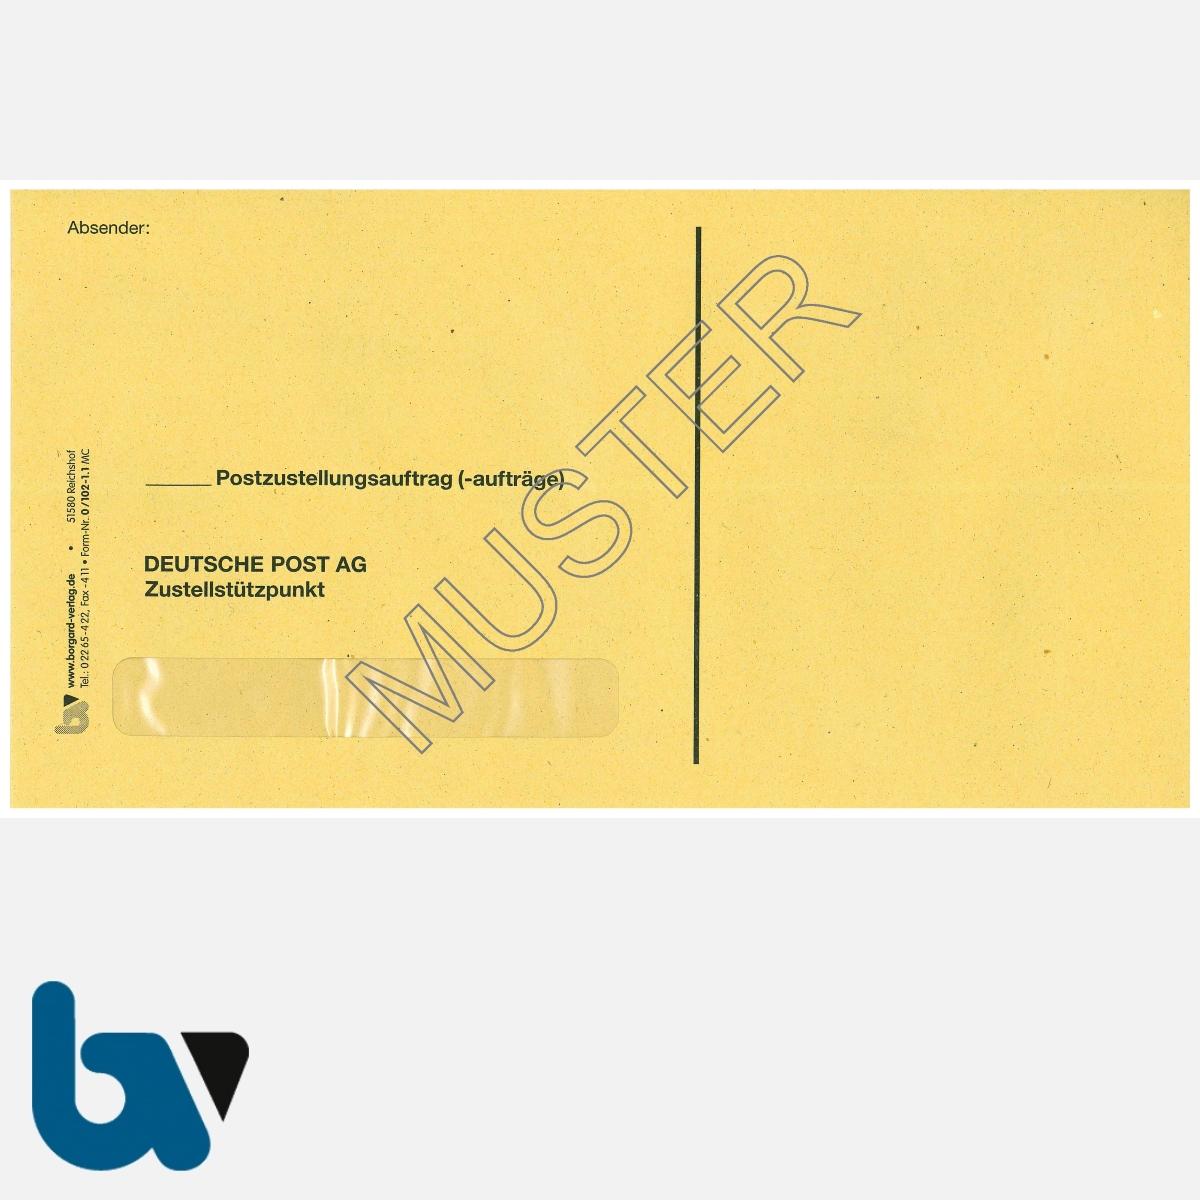 0/102-1.1 Postzustellungsauftrag - Äußerer Umschlag, DIN lang, mit Fenster, nassklebend, Vorderseite | Borgard Verlag GmbH